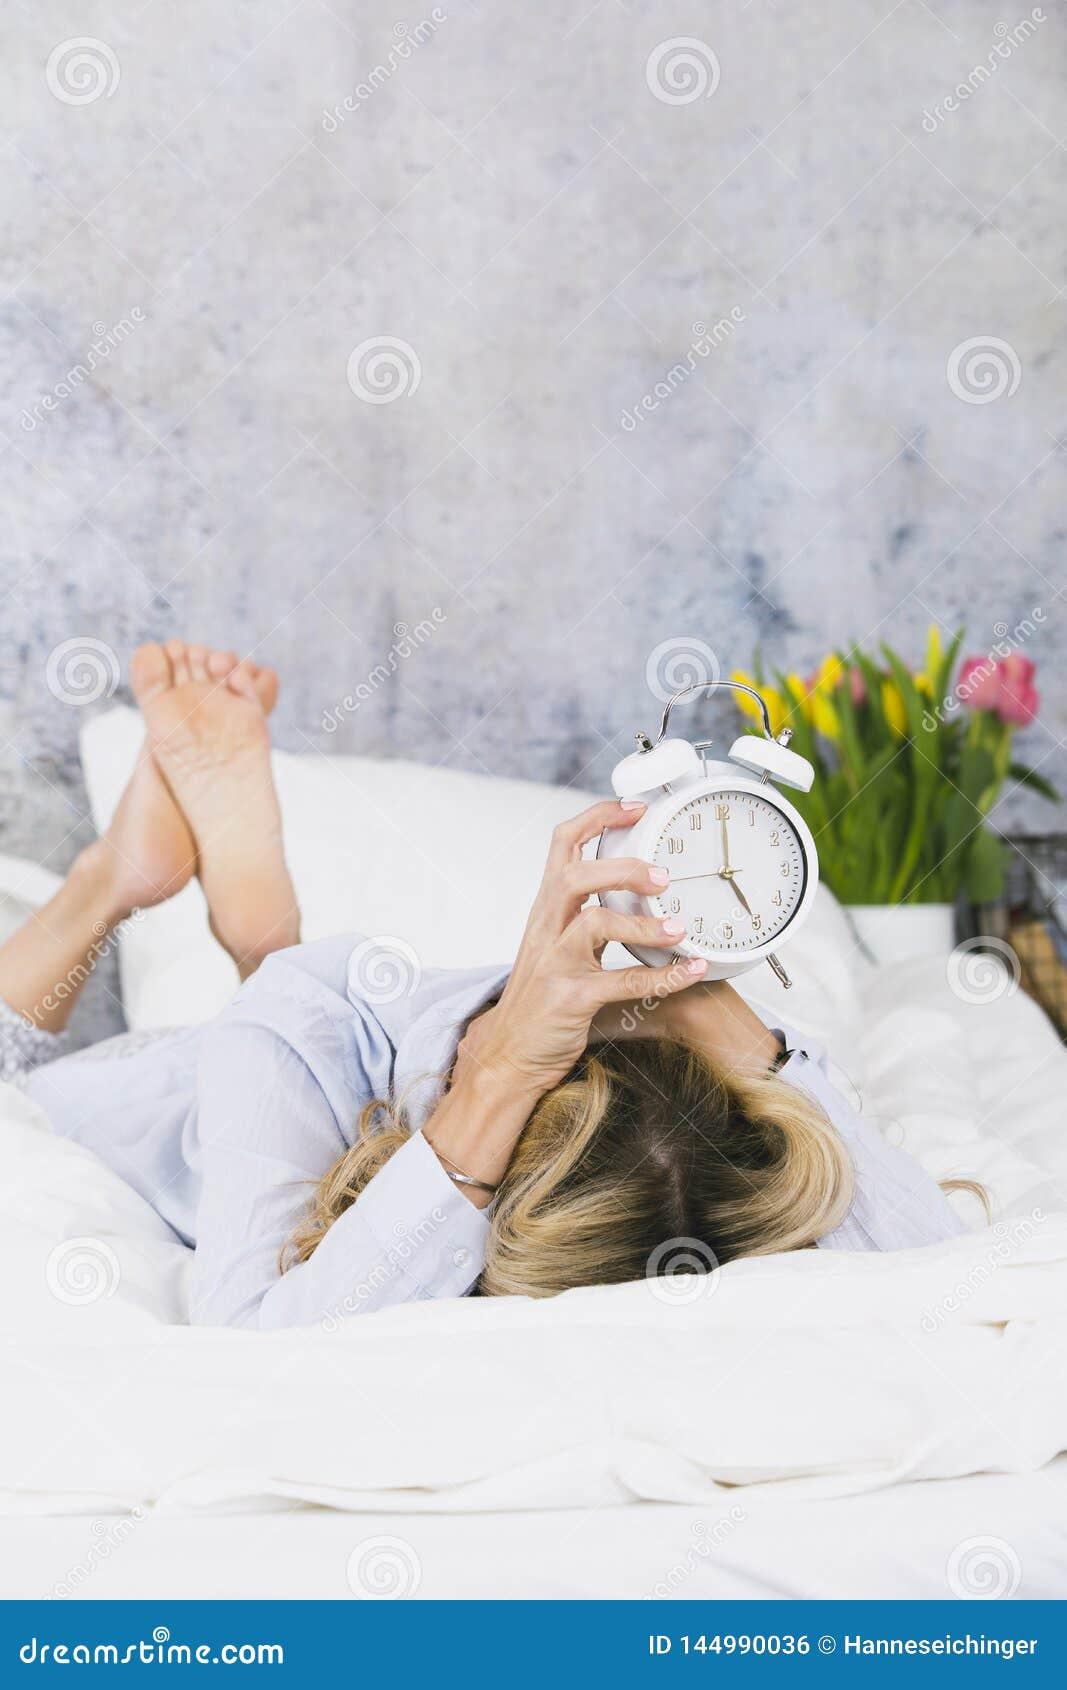 Blonde, recht junge Frau mag nicht morgens aufstehen und hasst ihren Klingelnwecker und wird frustriert